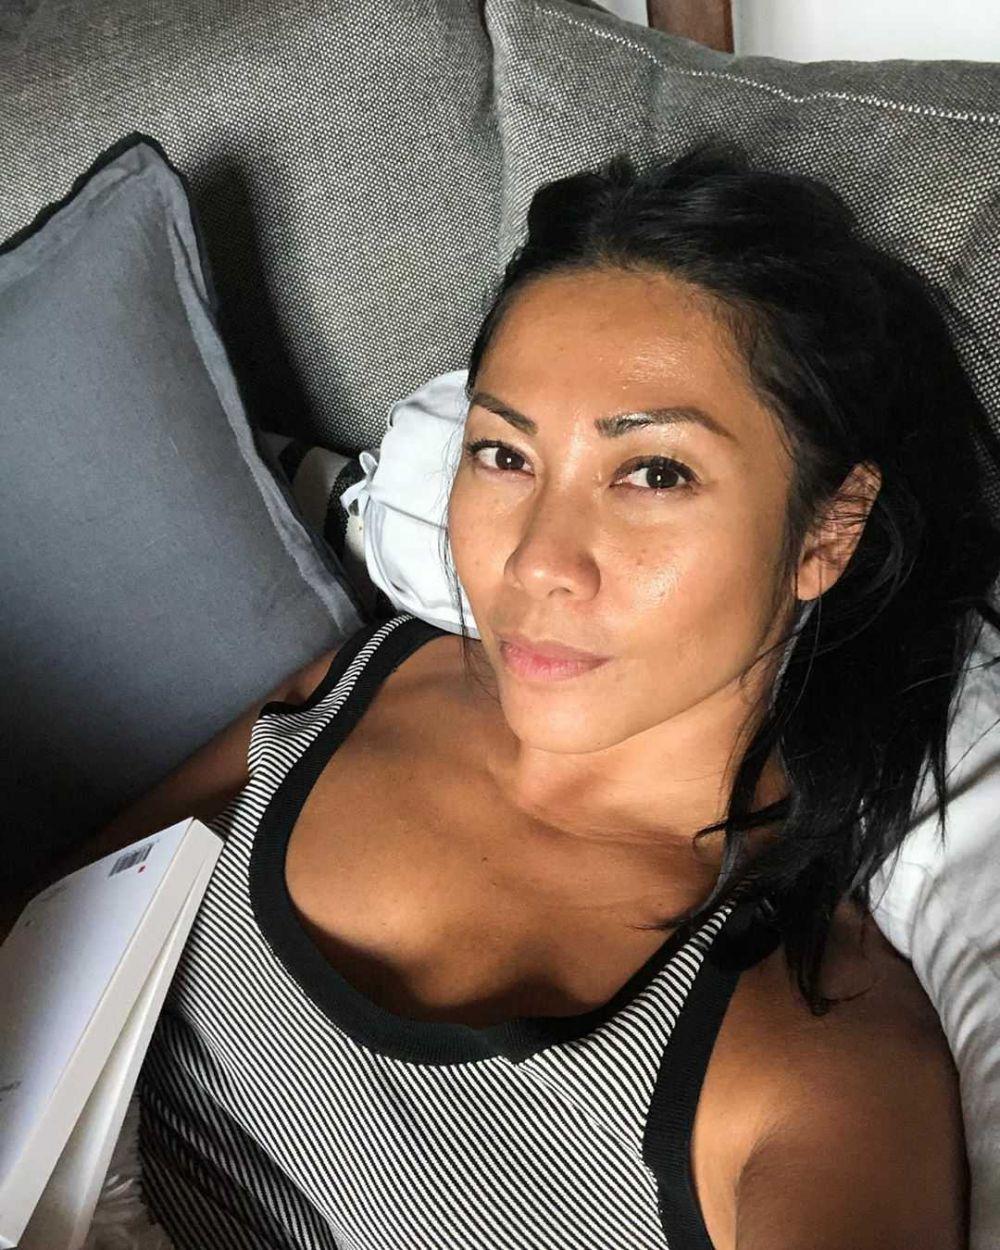 9 Pesona Anggun C. Sasmi yang Tampak Awet Muda di Usia 46 Tahun